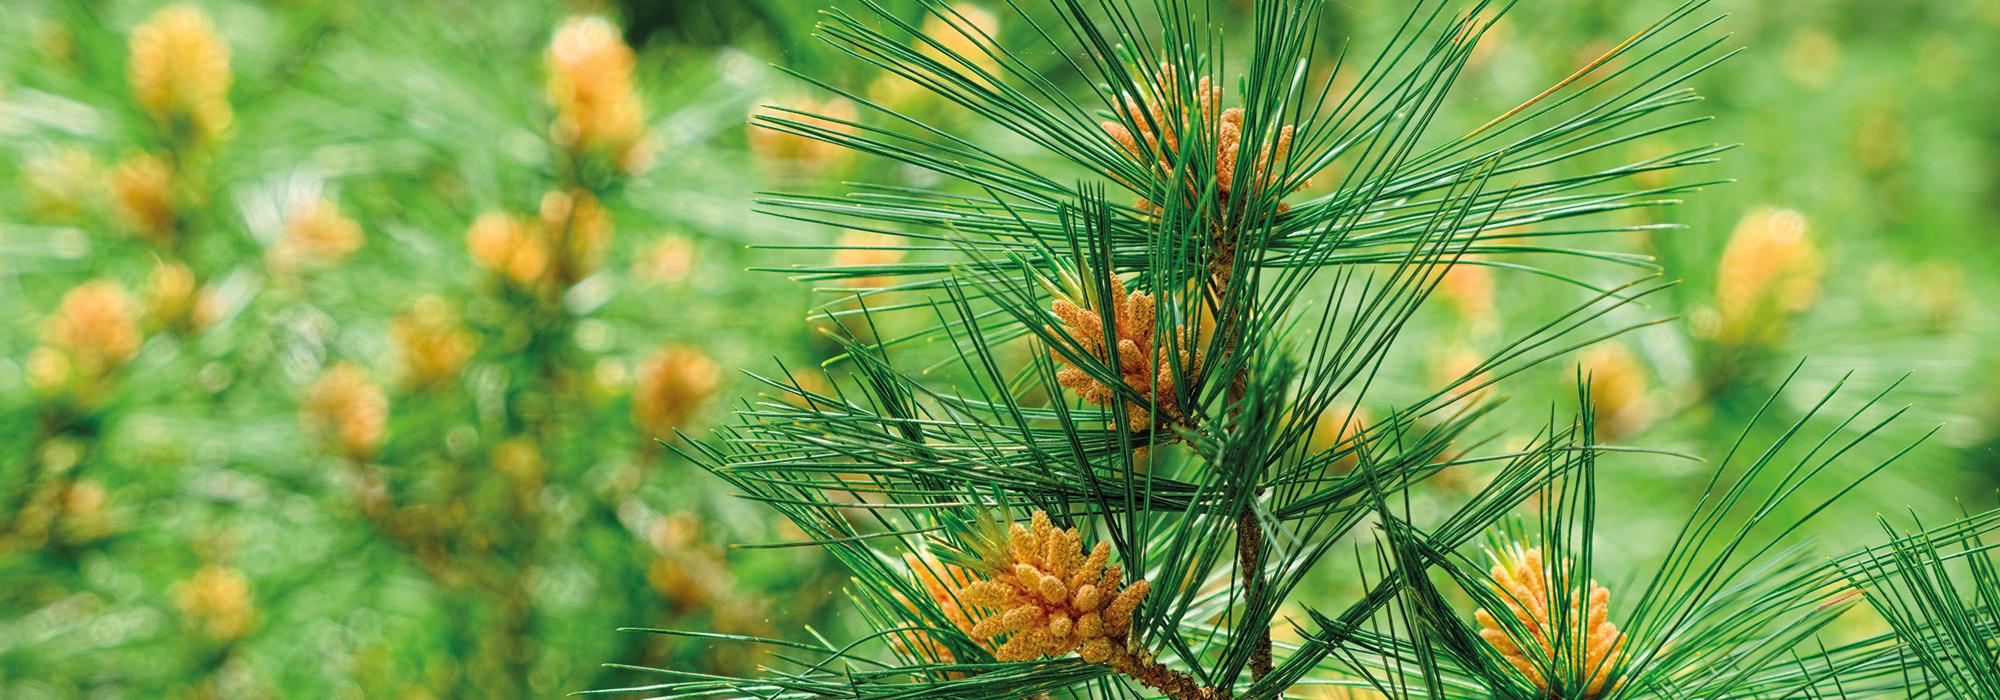 SLIDE1-pine